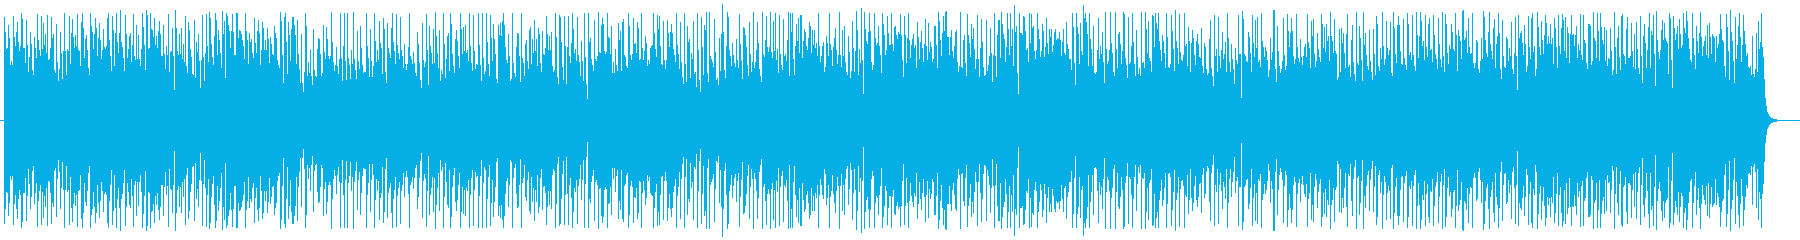 爽やかなシンセサイザー鈴などの曲の再生済みの波形